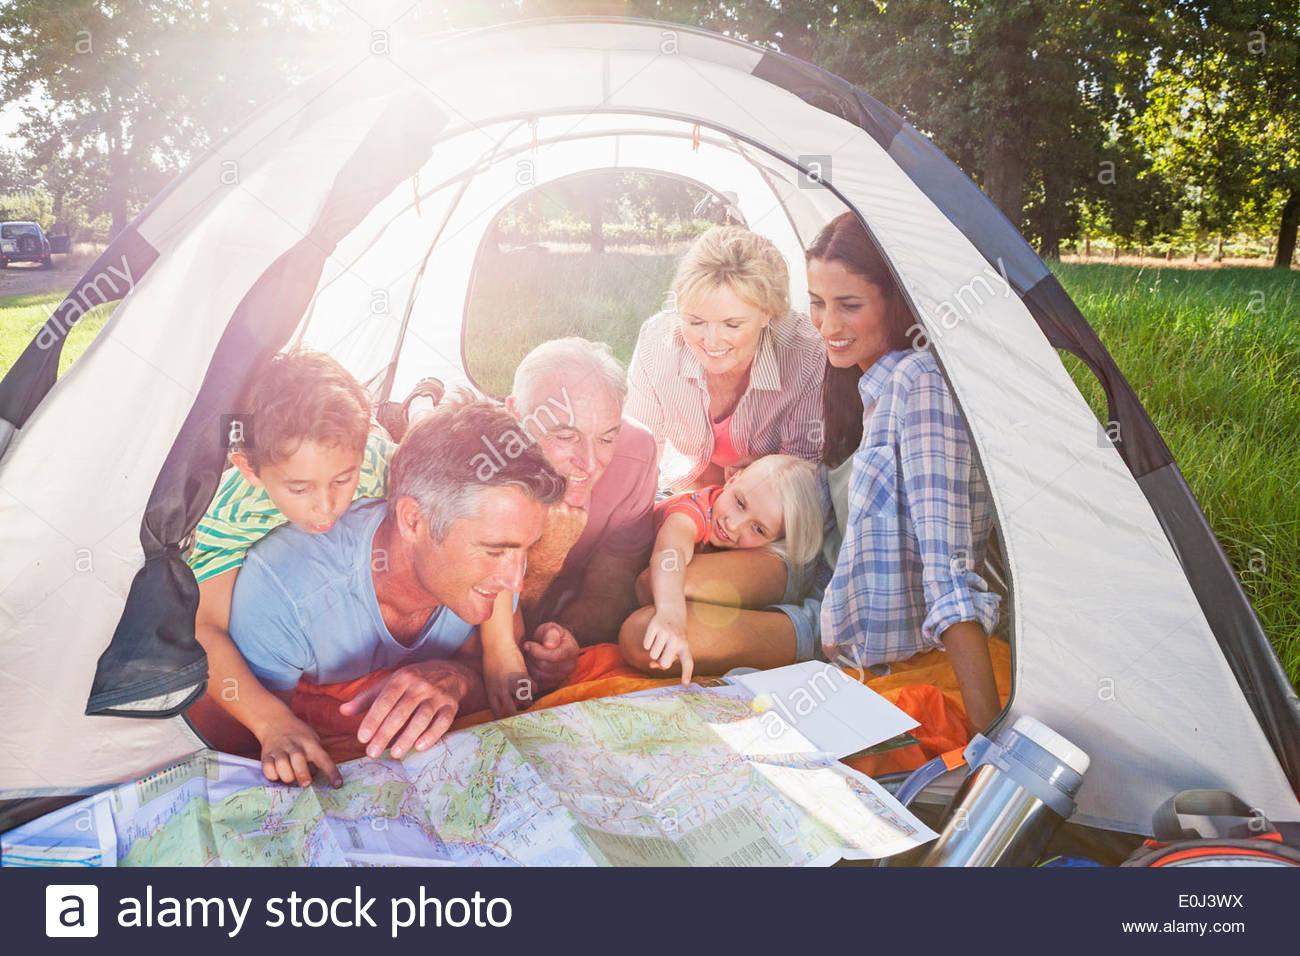 Mehr-Generationen-Familie genießen Sie Camping-Ausflug Stockbild